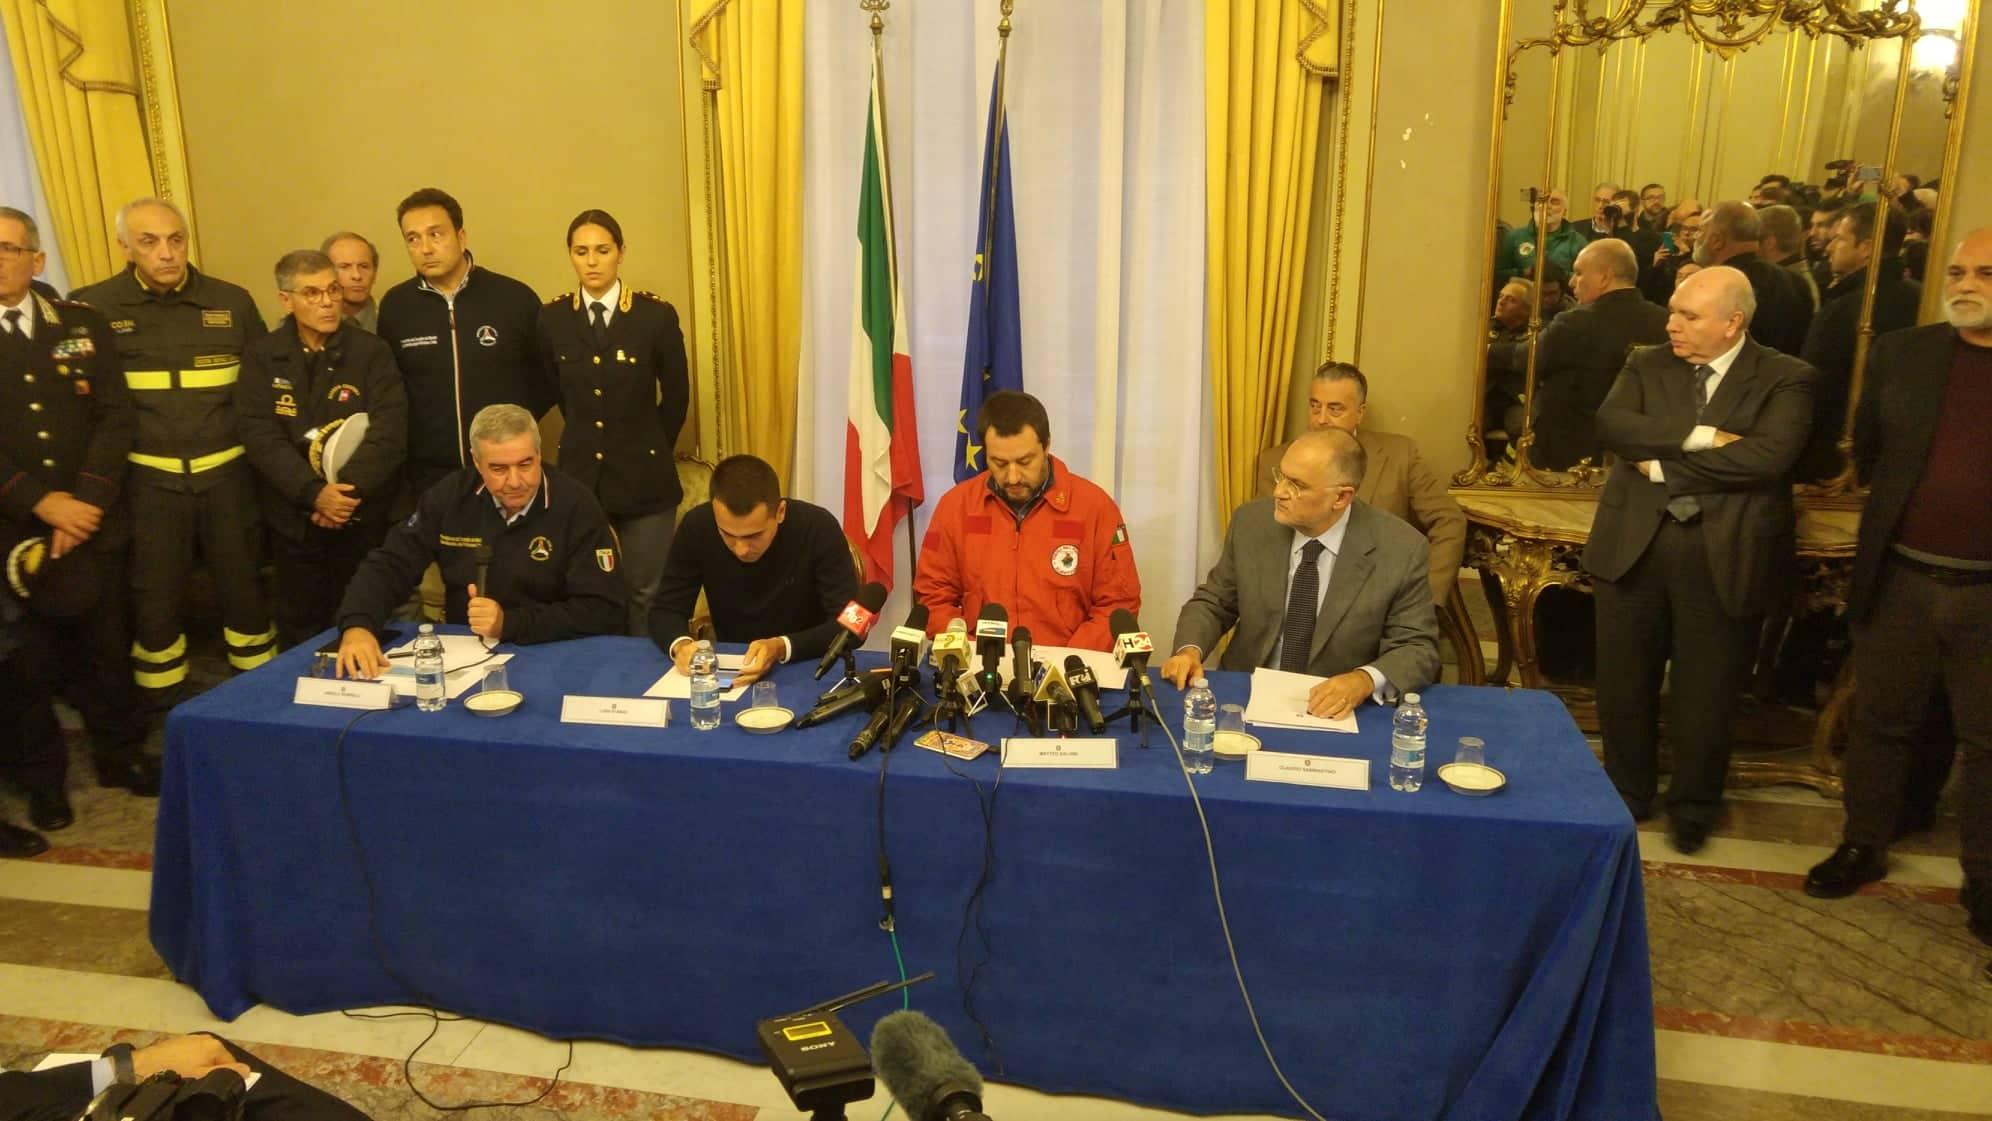 """Emergenza Etna, Salvini e Di Maio in visita alla Prefettura: """"Vicini alle popolazioni colpite"""""""